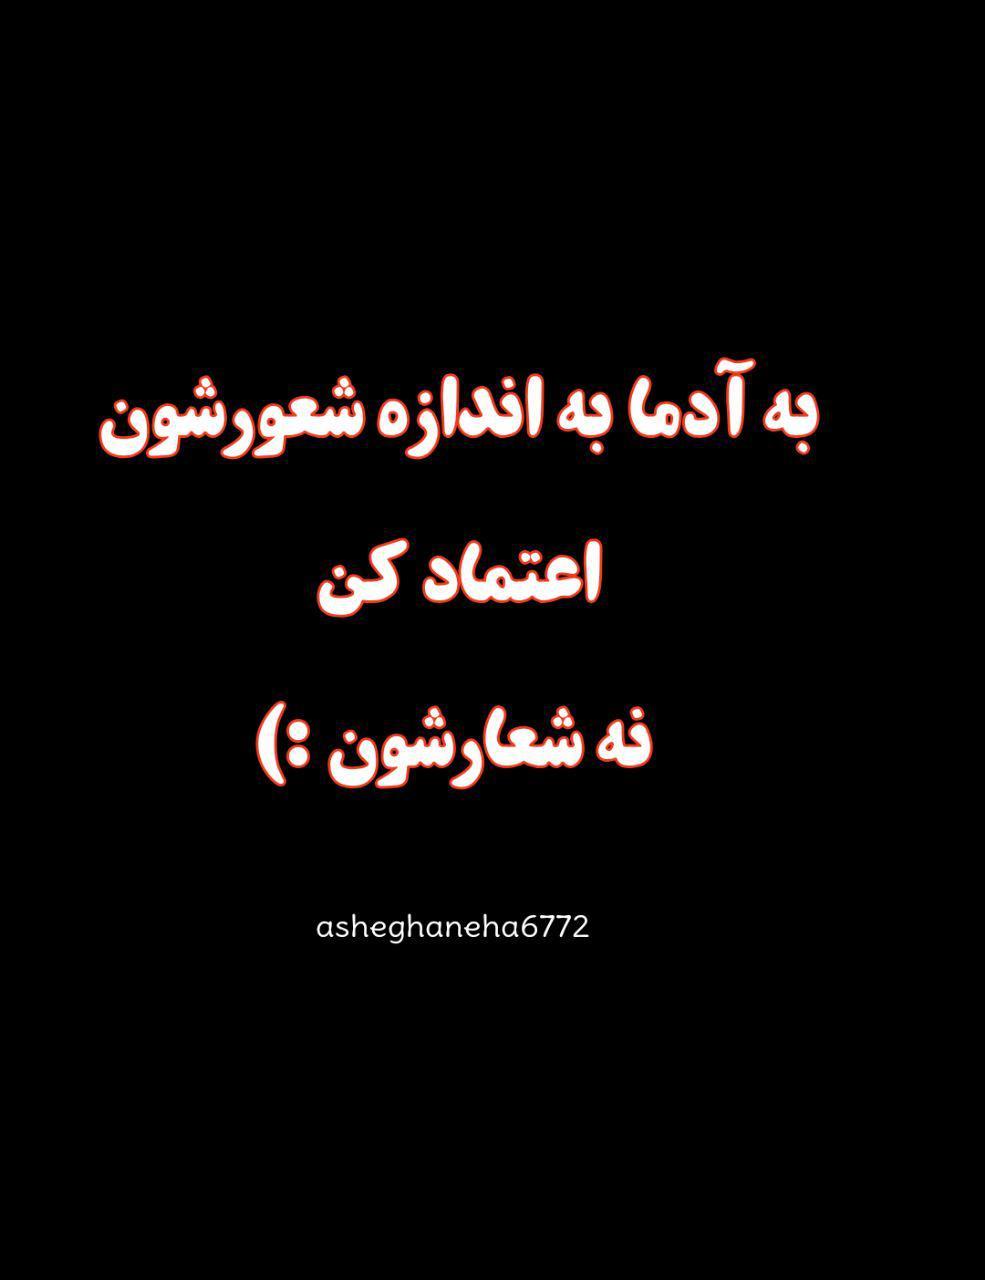 ٤٥ عکس متن دار تیکه دار و خفن خارق العاده + عکس نوشته پروفایل سری اول